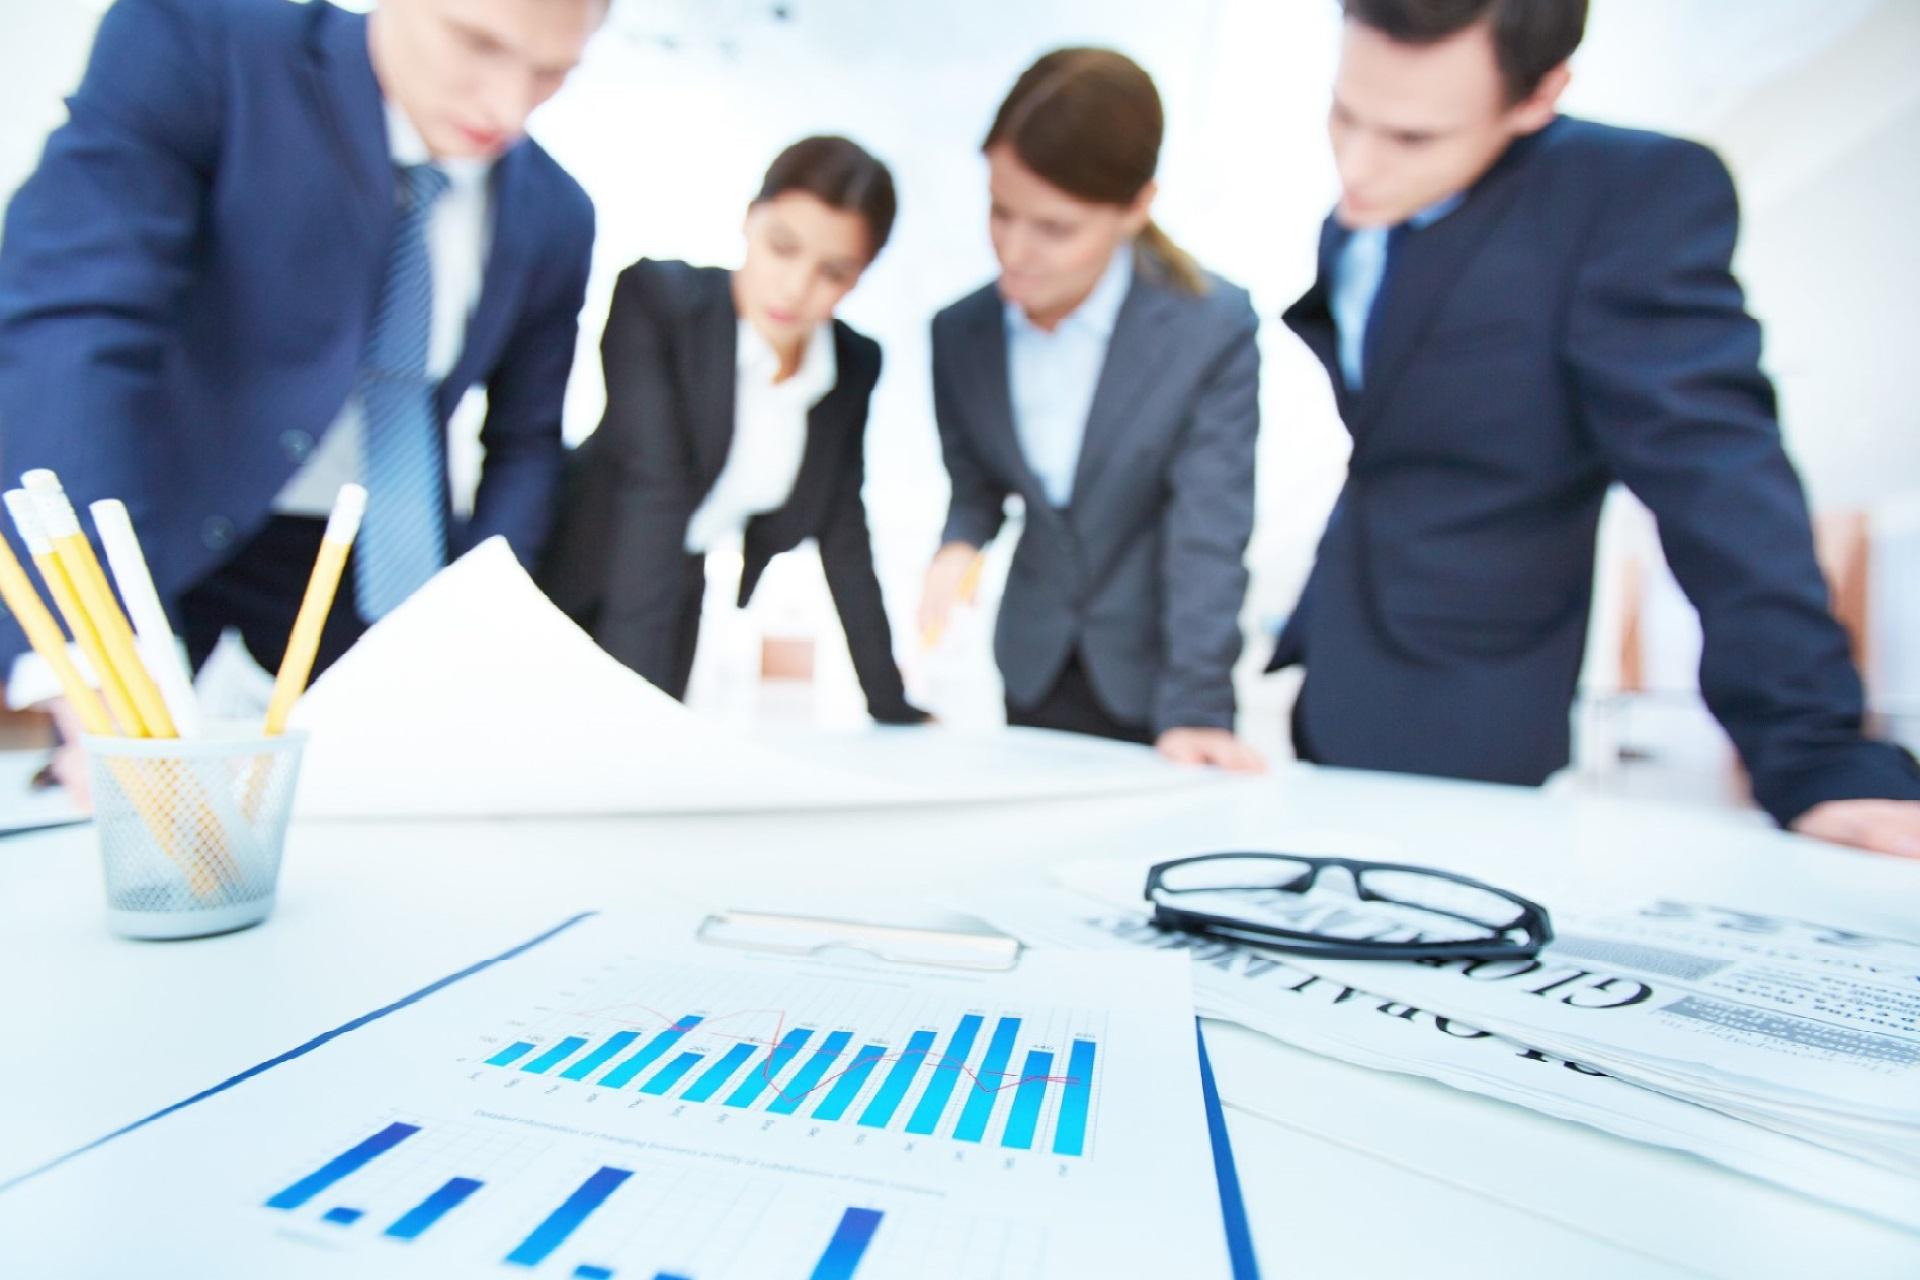 Что такое стратегическое планирование бизнеса и зачем оно нужно